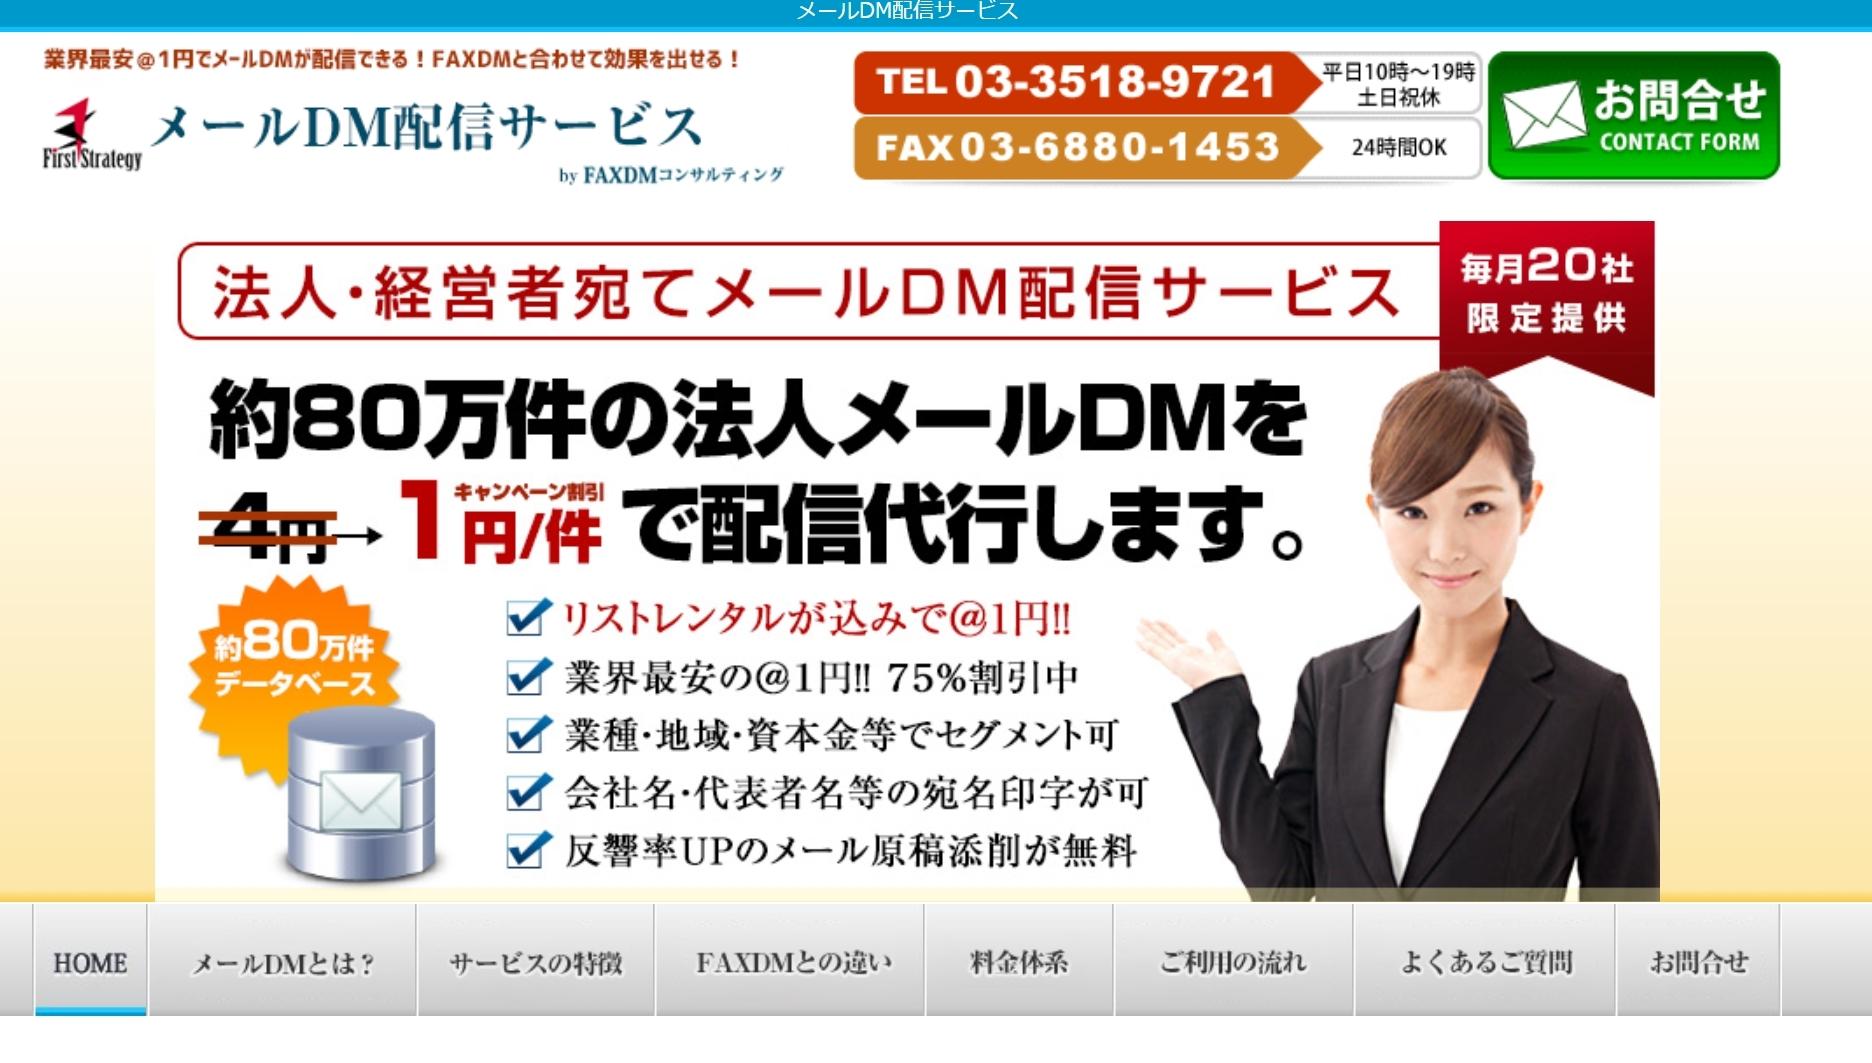 法人向けメールDMサービス